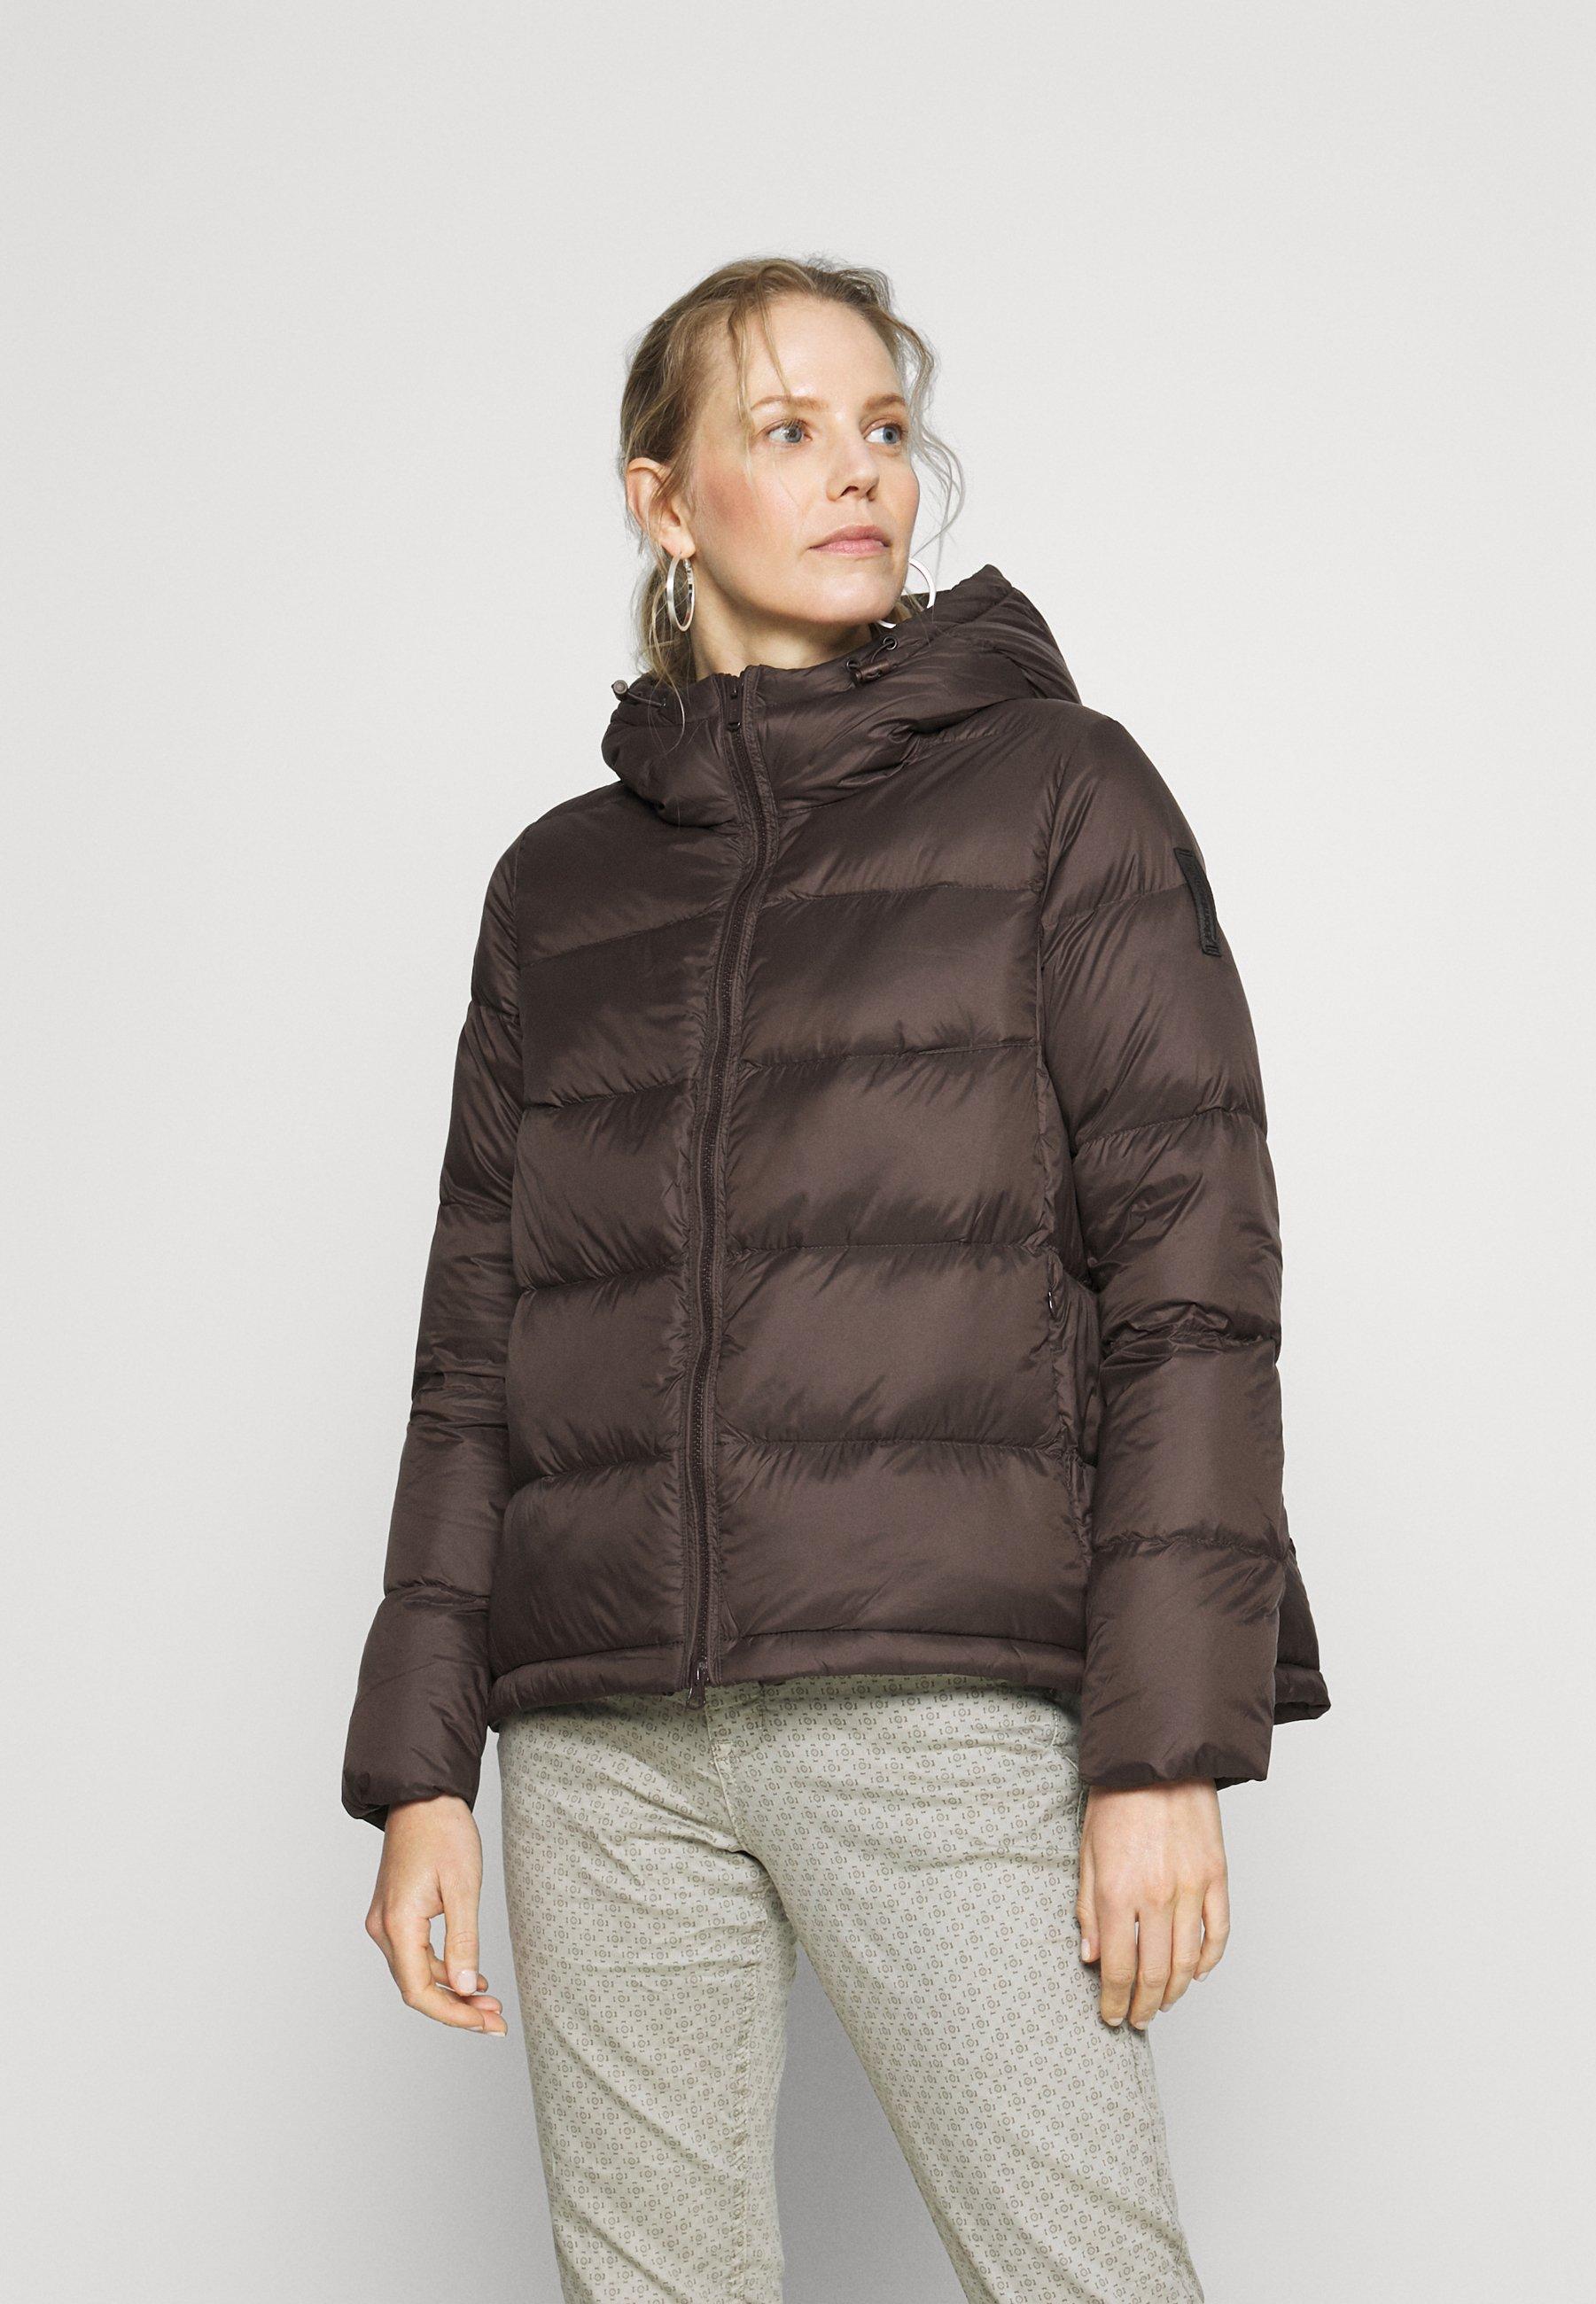 Adviseren Opruiming Bomboogie Gewatteerde jas - brown -  2PBQG